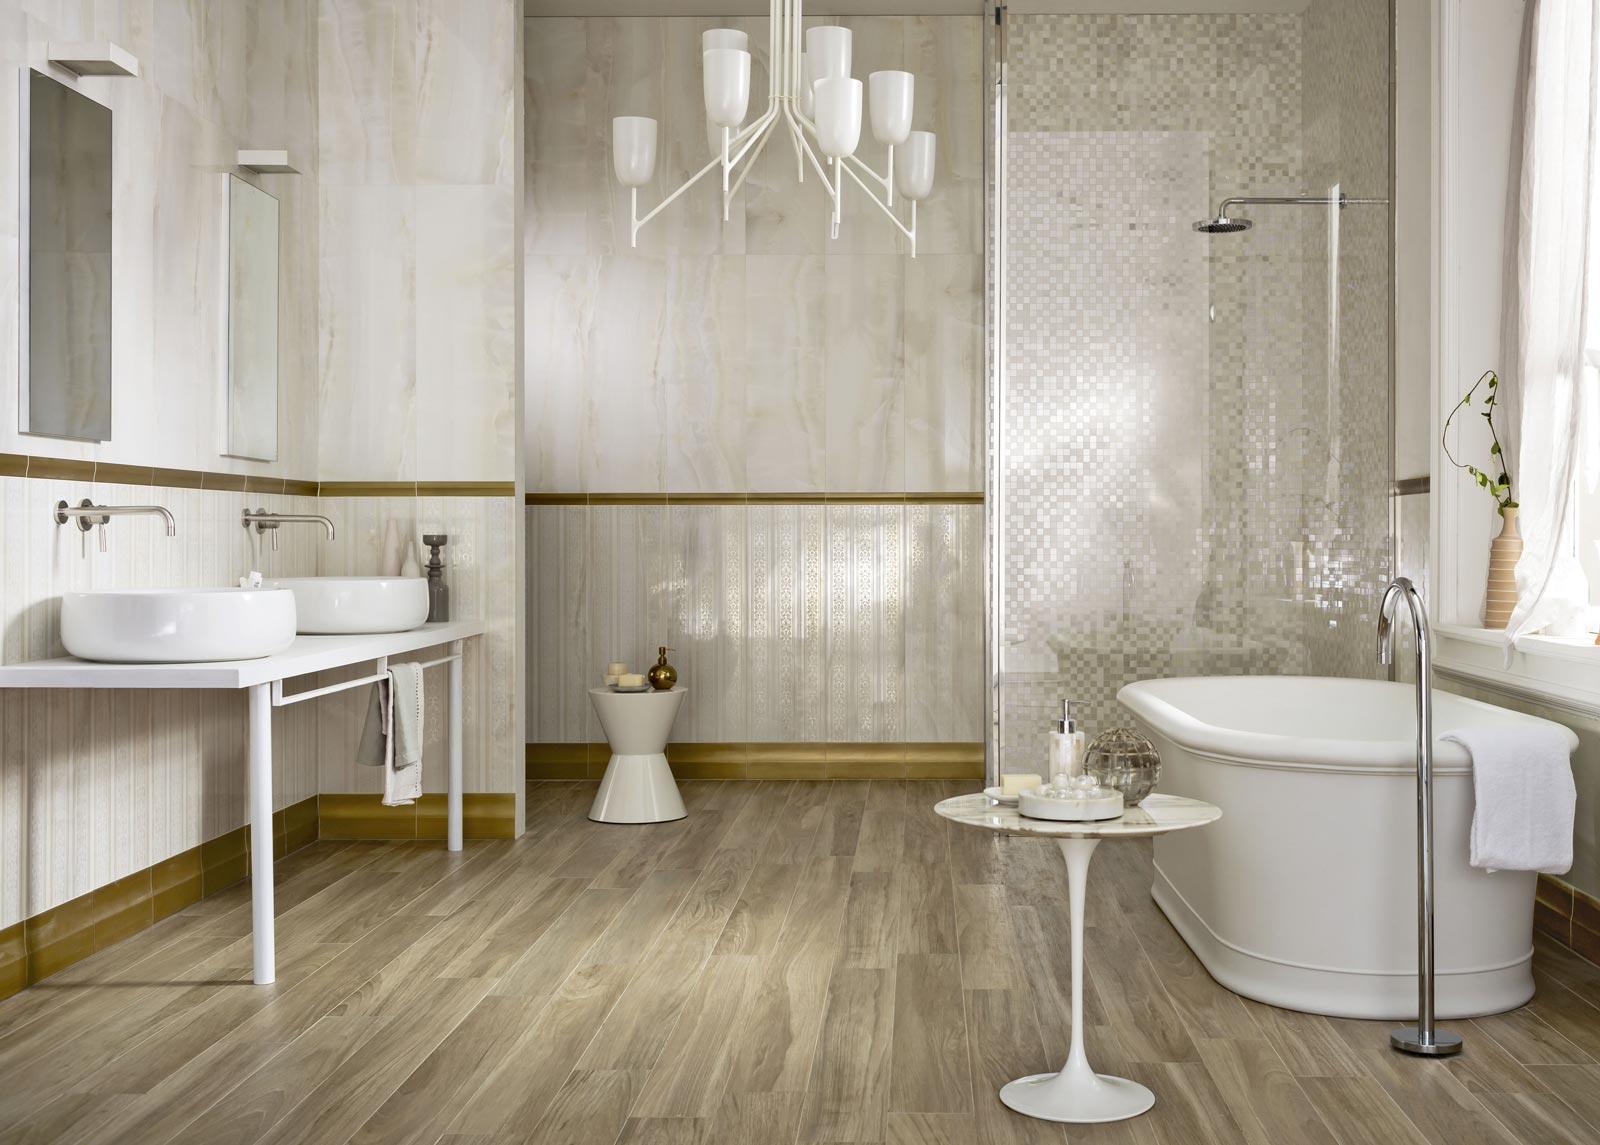 Piastrelle bagno marazzi effetto marmo collezione daylight